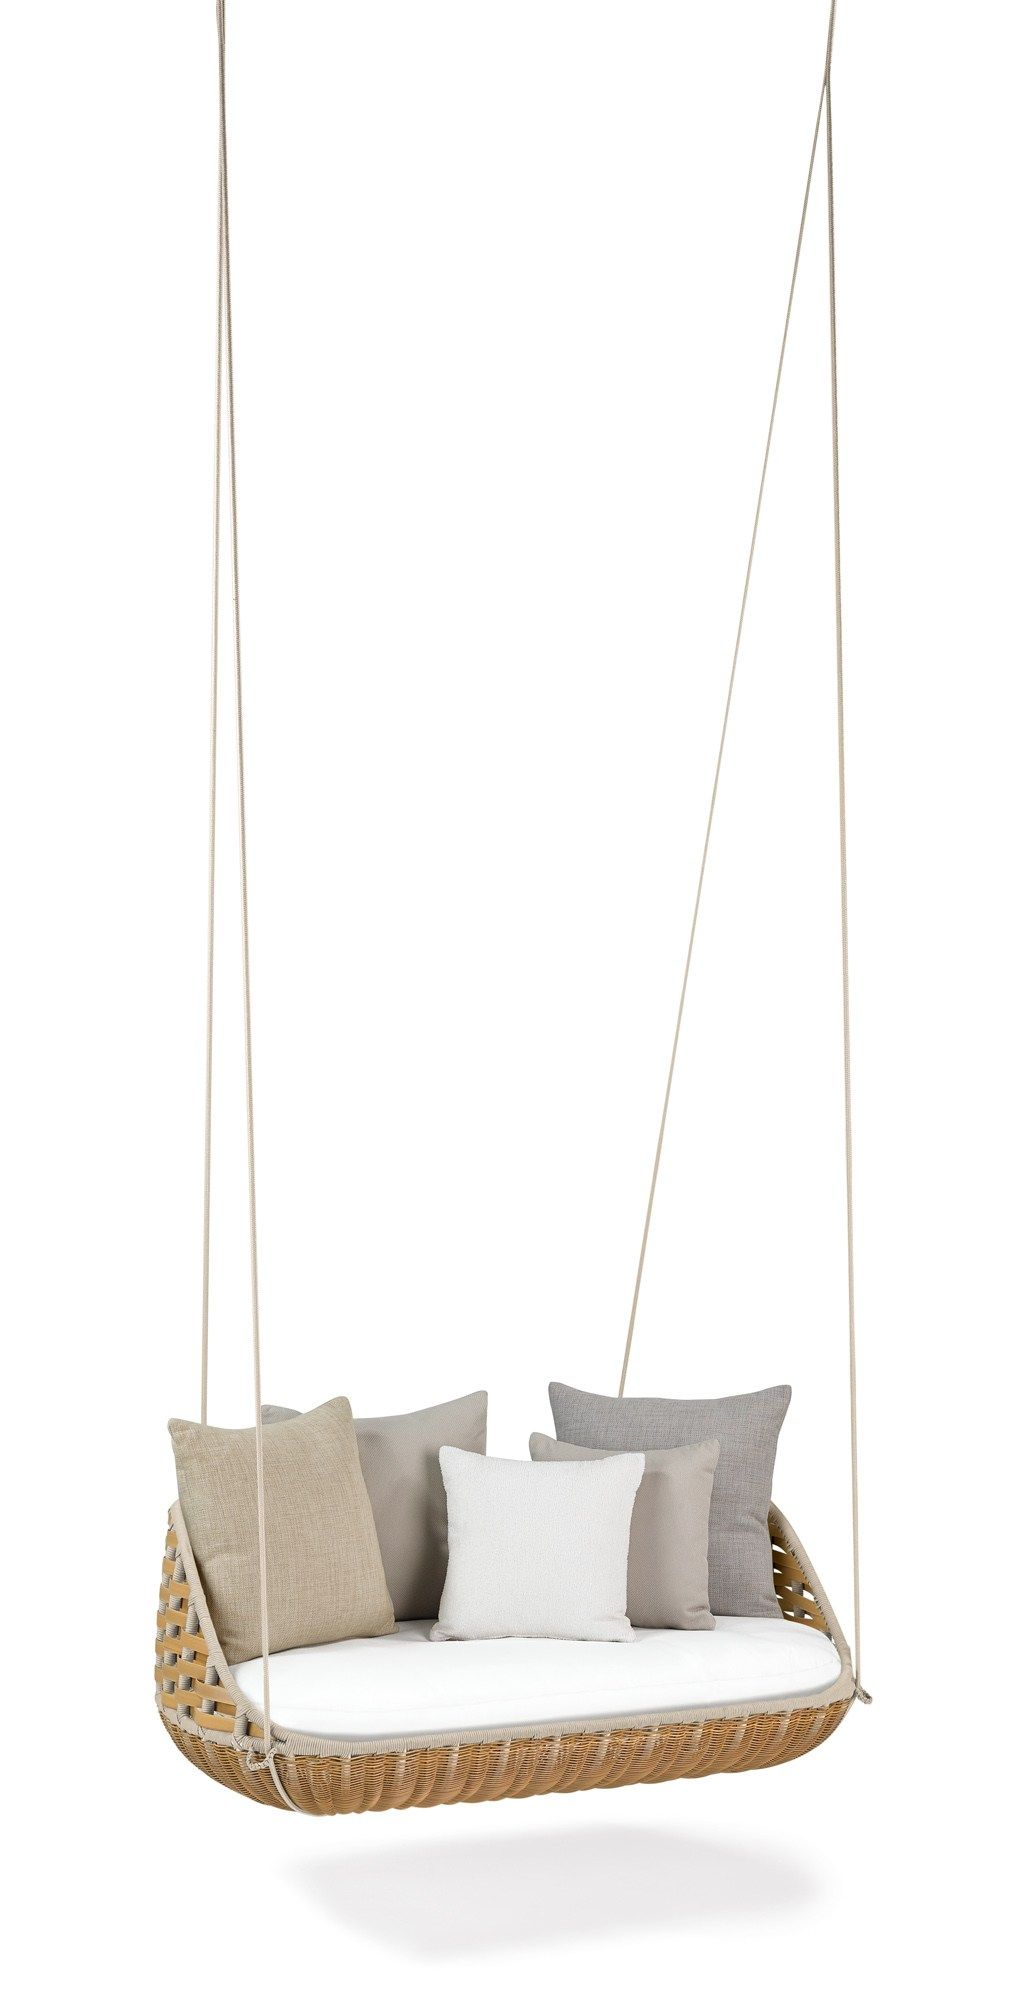 Swell 2 Seater Garden Hanging Chair Swingus Garden Hanging Chair Short Links Chair Design For Home Short Linksinfo